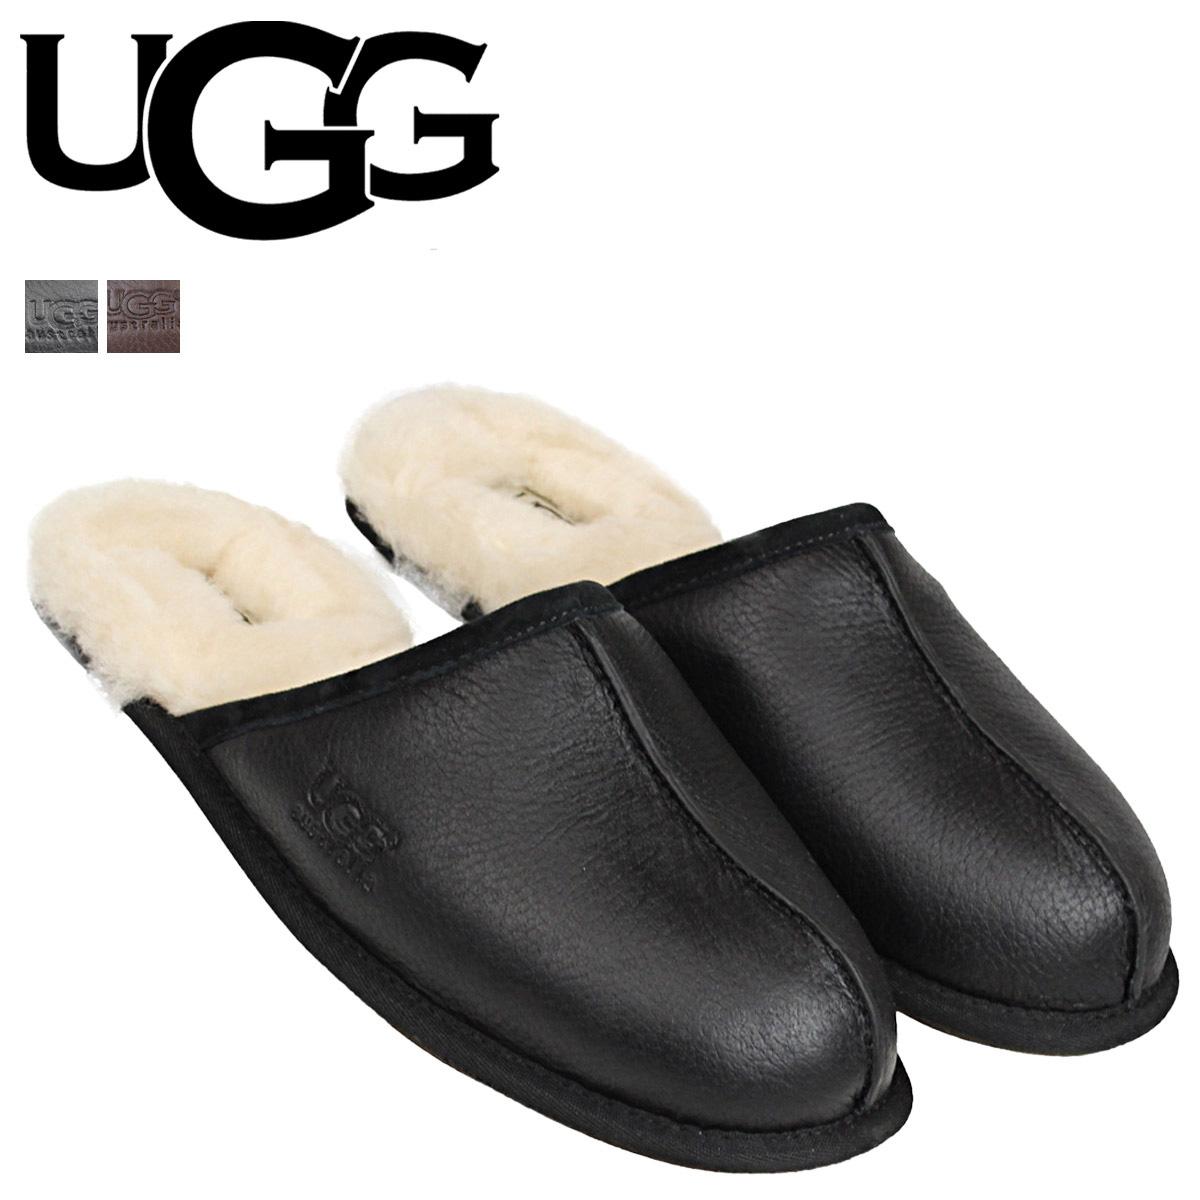 UGG UGG 男人揉搓拖鞋男装揉搓 1001546